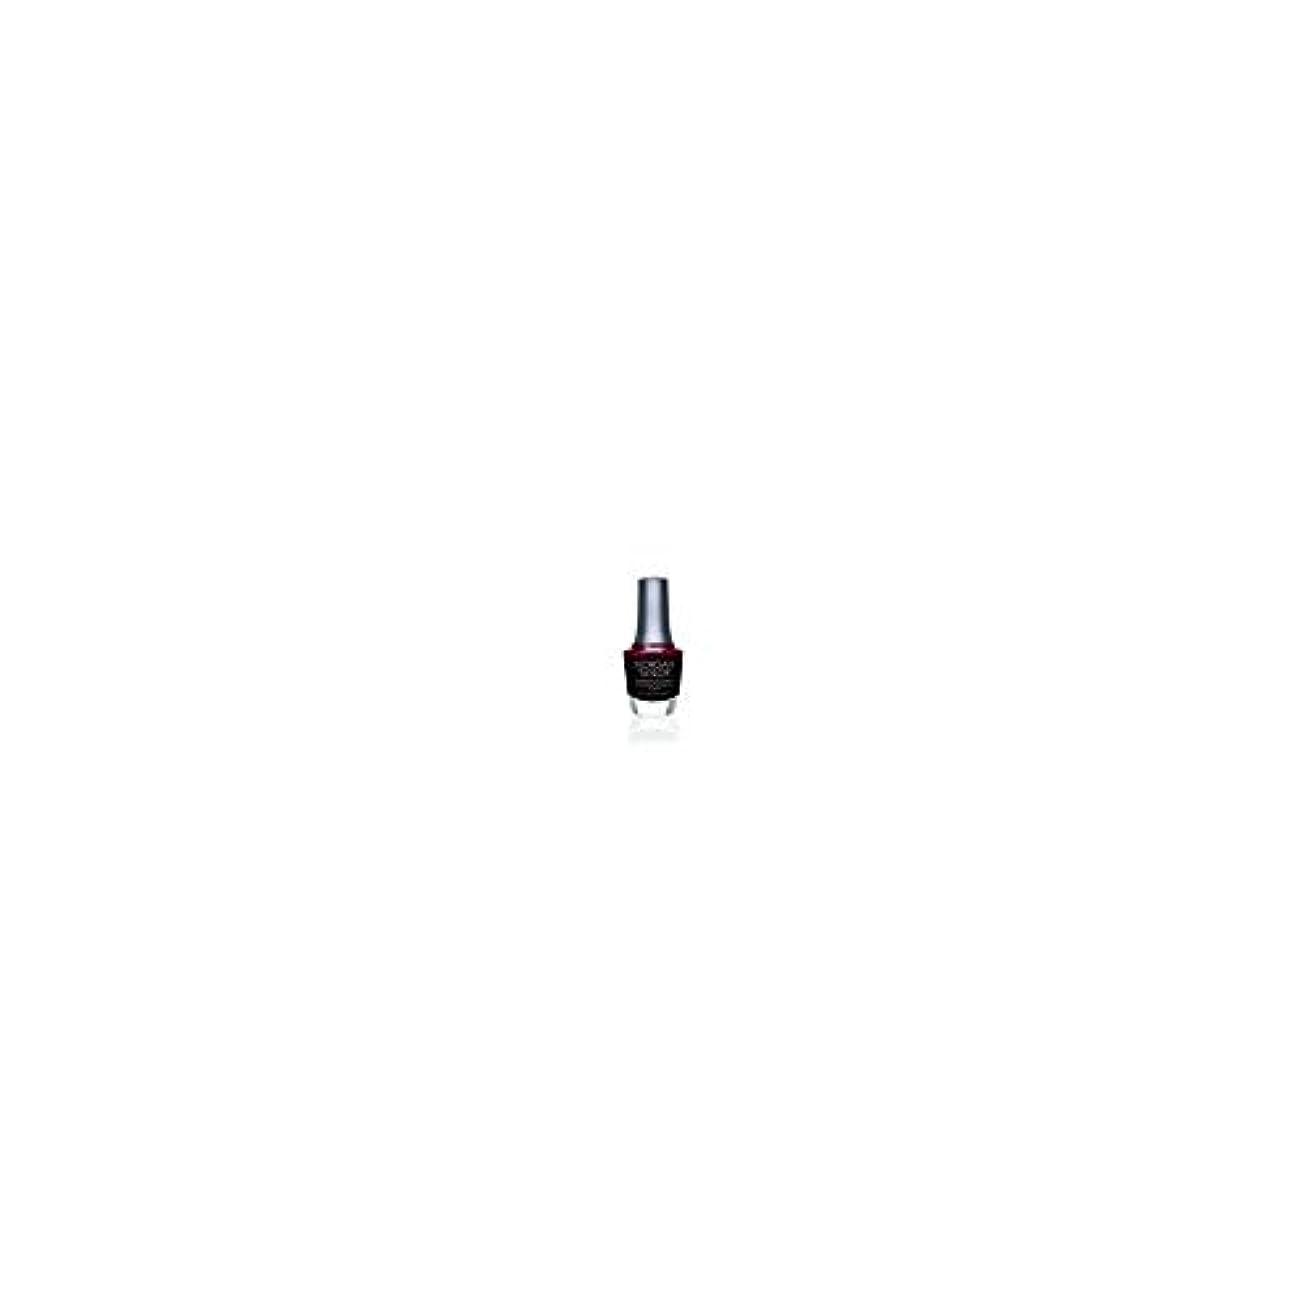 データミス地味なMorgan Taylor - Professional Nail Lacquer - Take The Lead - 15 mL/0.5oz